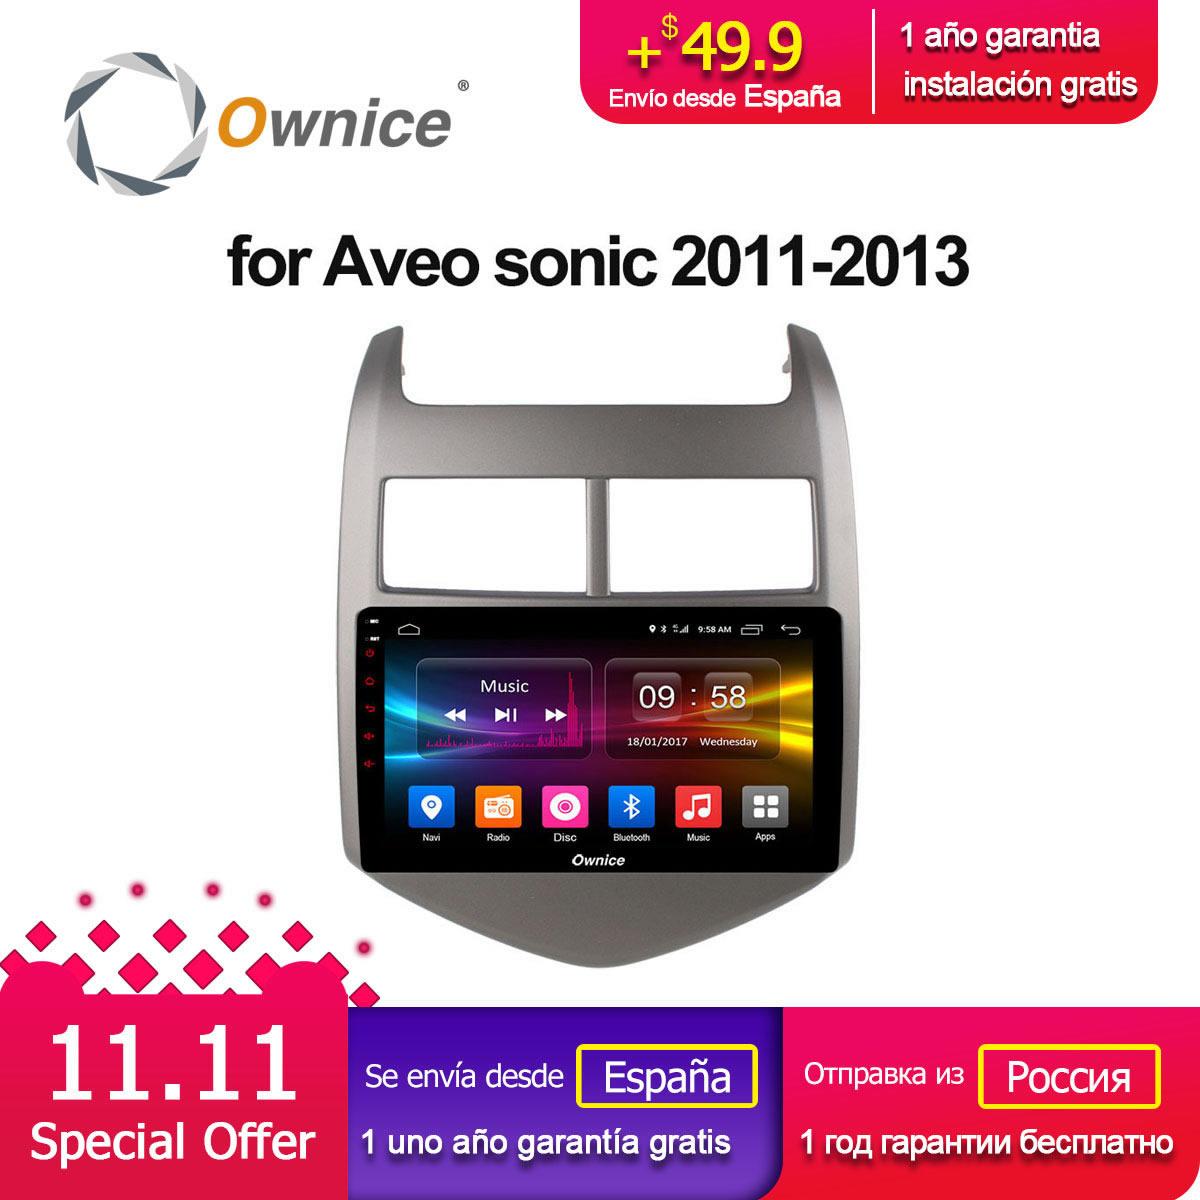 Ownice C500 + G10 Android 8.1 CAR Audio lettore DVD PER Cheverolet aveo di SONIC 2011-2013 gps Multimediale testa unità di dispositivo ricevitore